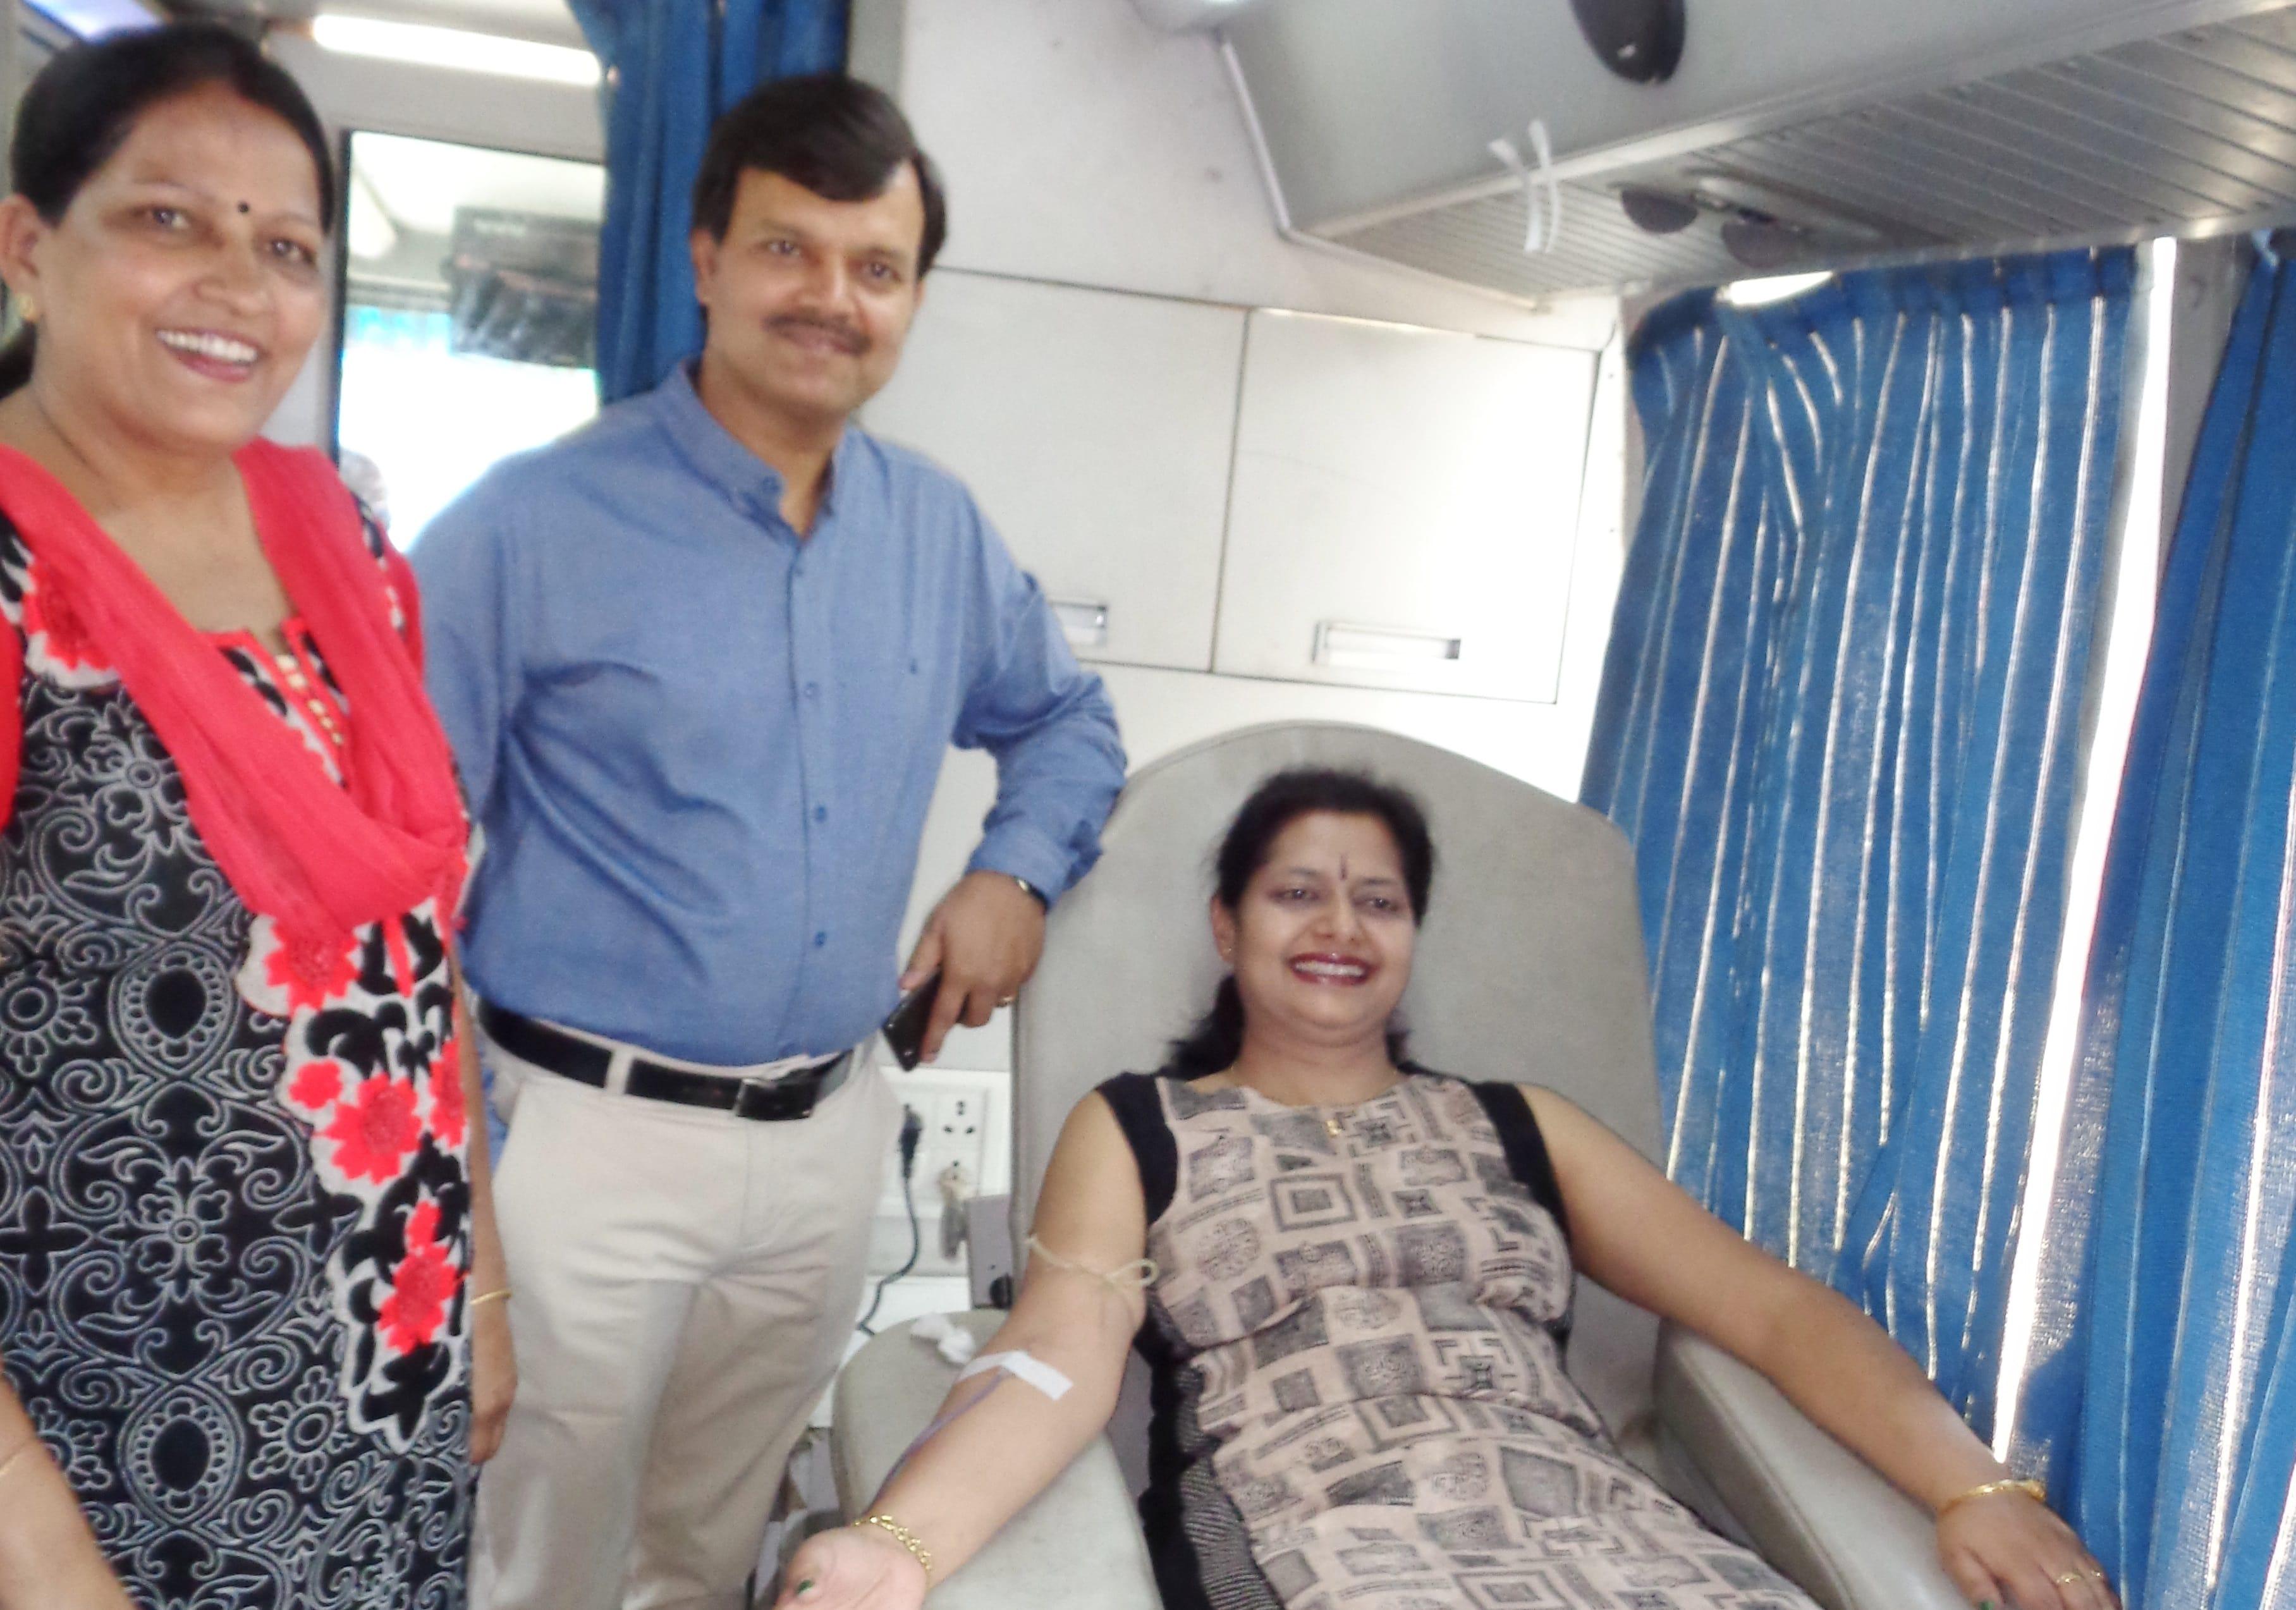 <p>रांची: कुसई काॅलोनी वेलफेयर सोसाइटी द्वारा आज कुसई काॅलोनी के मां दुर्गा मन्दिर के समीप रक्तदान शिविर का आयोजन किया गया। रक्तदान शिविर में मुख्यमंत्री के प्रधान सचिव…